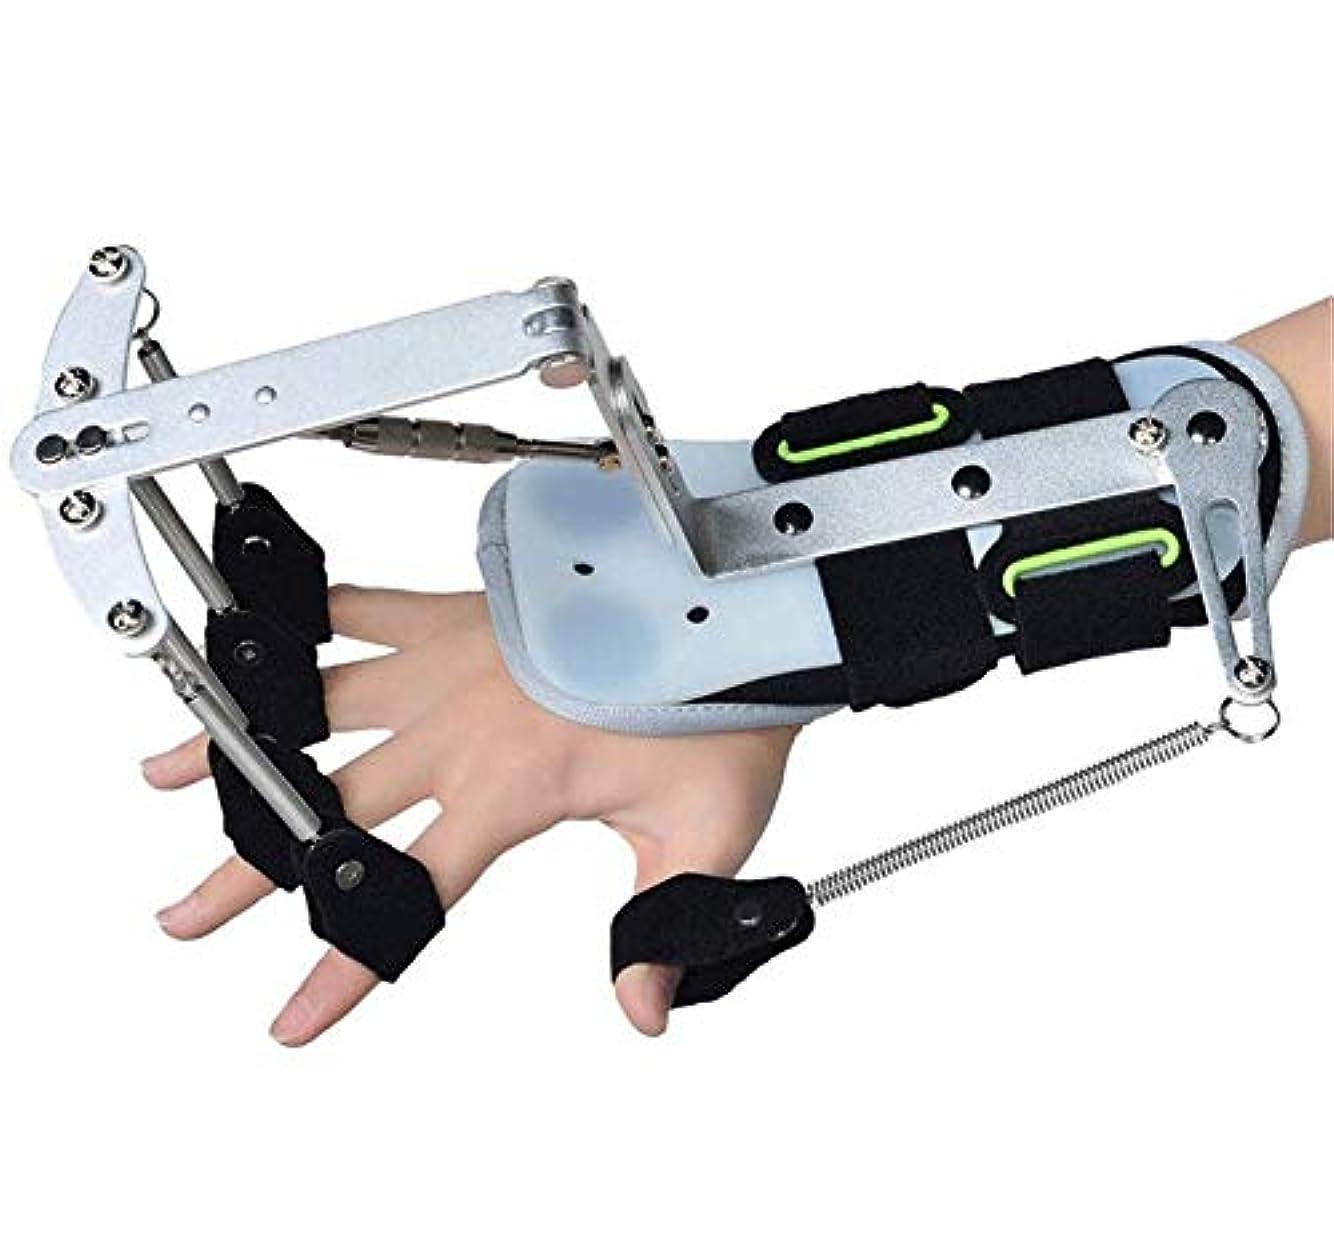 少ない傾向があります取り除く手首OrthoticsAdjustableフィンガー、フィンガートレーナーハンドリハビリトレーニング指装具脳卒中片麻痺患者のあこがれ演習修復のため